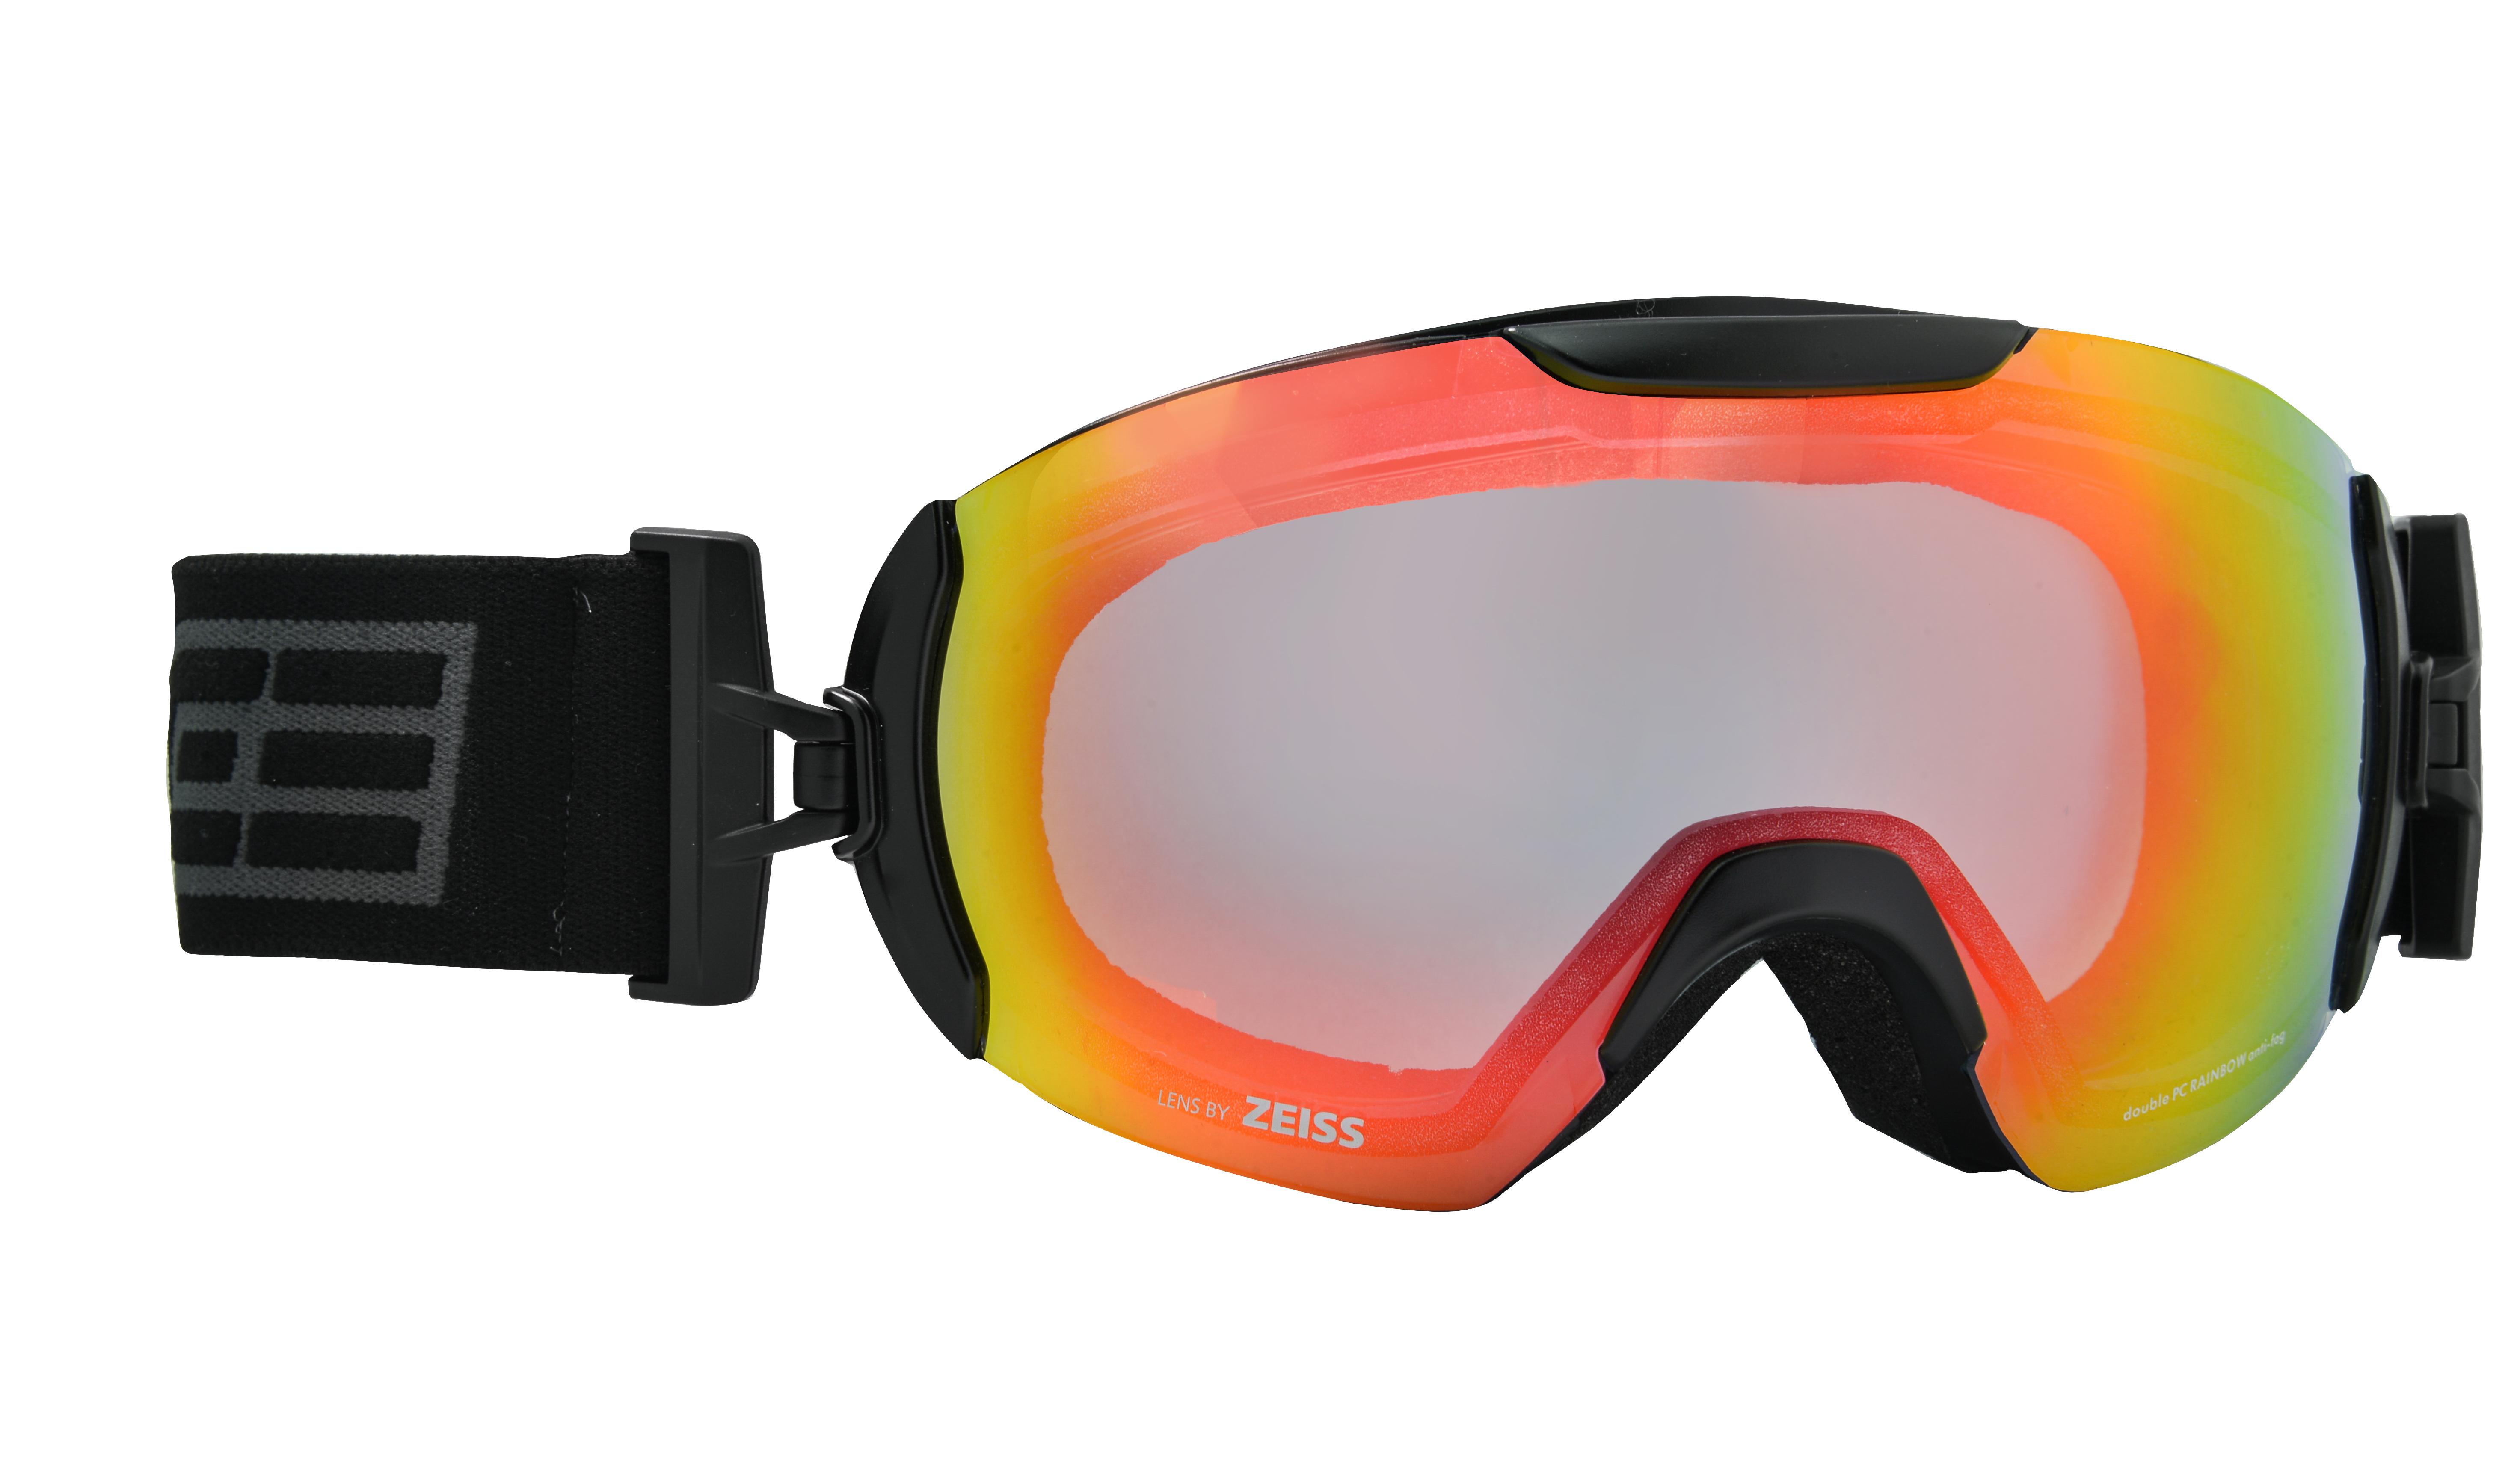 Очки горнолыжные Salice 2016-17 604DARWF BLACK/RW CLEAR